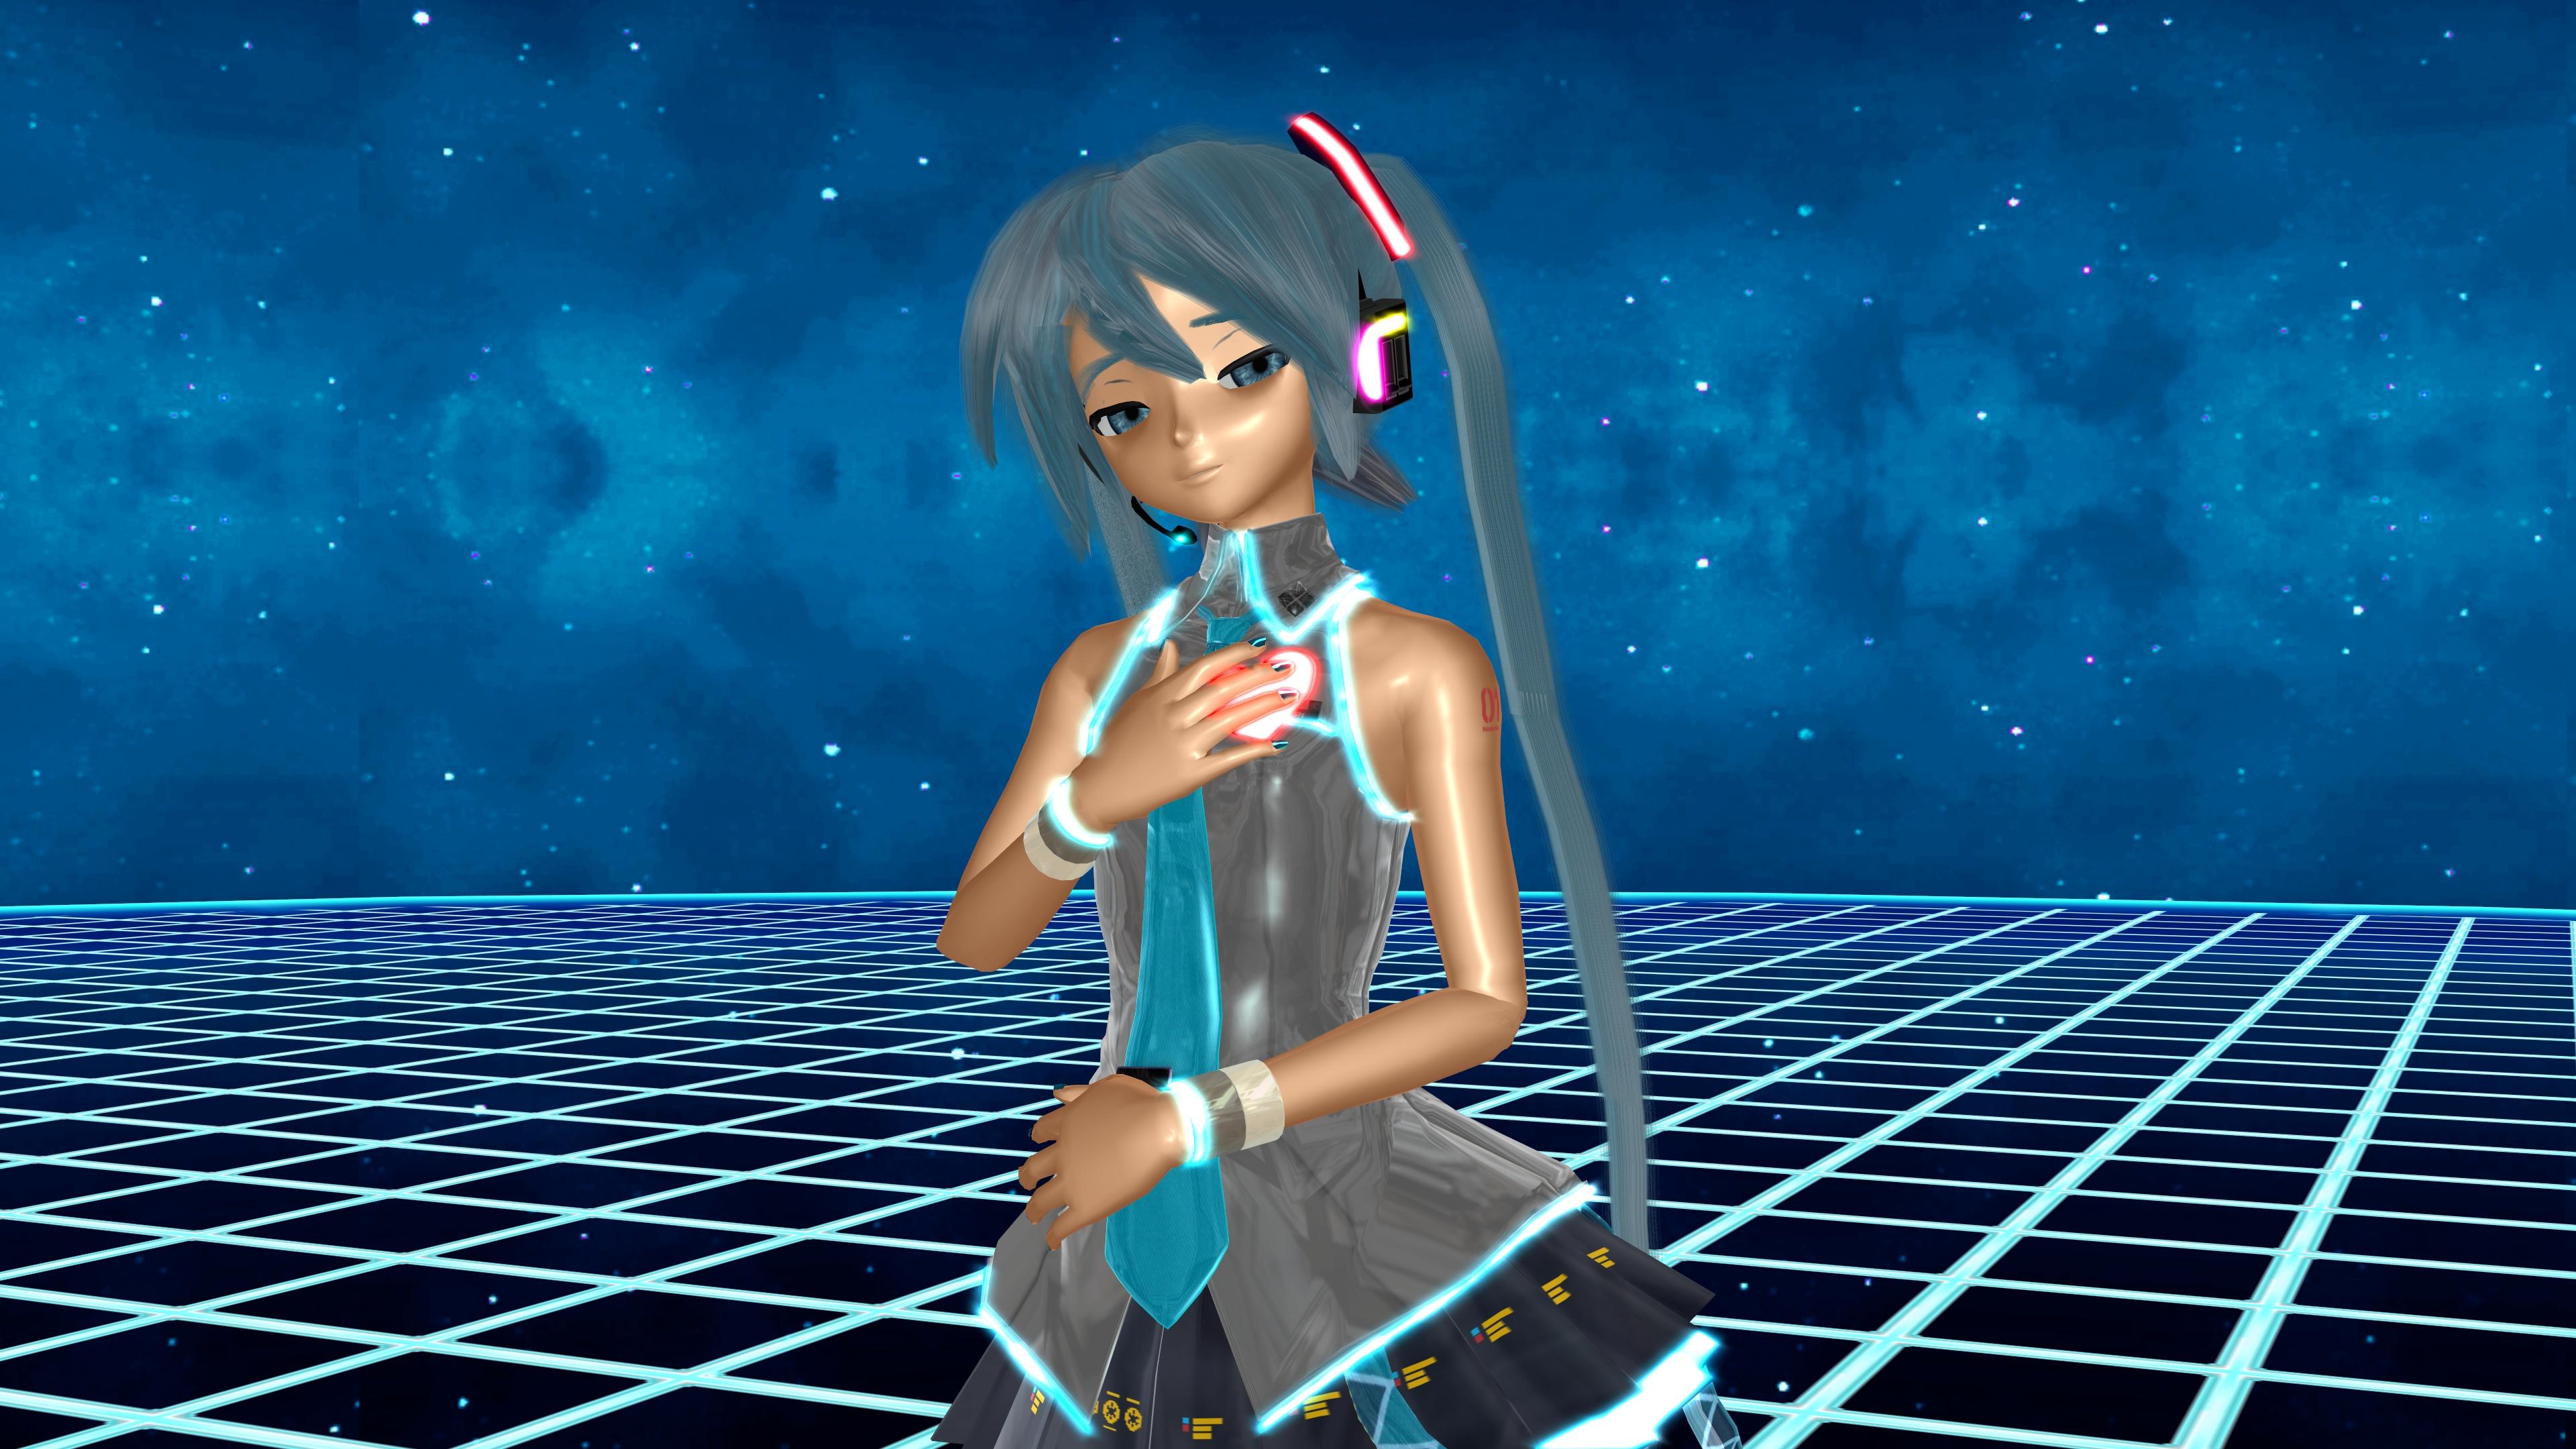 Blue Eyes Blue Hair Hatsune Miku Love Vocaloid 3840x2160